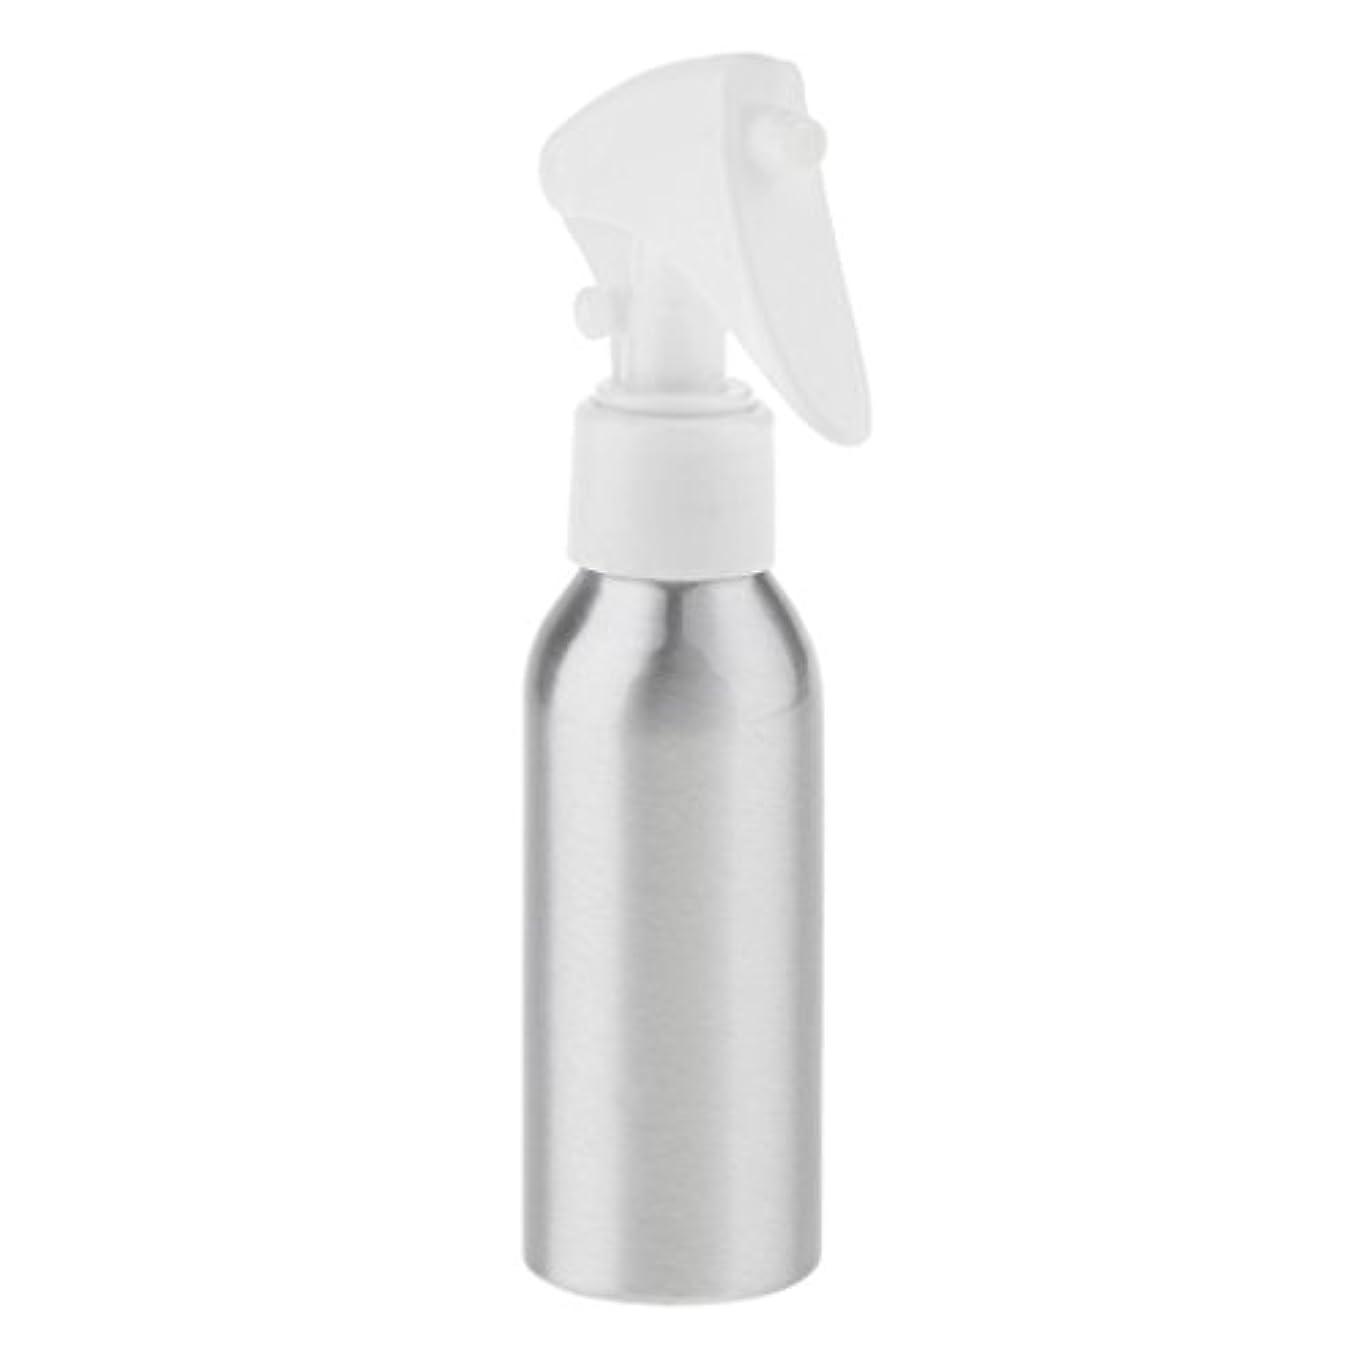 シュガーコットン簡単なBaosity スプレーボトル 空ボトル 水スプレー スプレー ポンプボトル 噴霧器 家庭用 プロのサロン 多機能 6サイズ選択 - 100ML